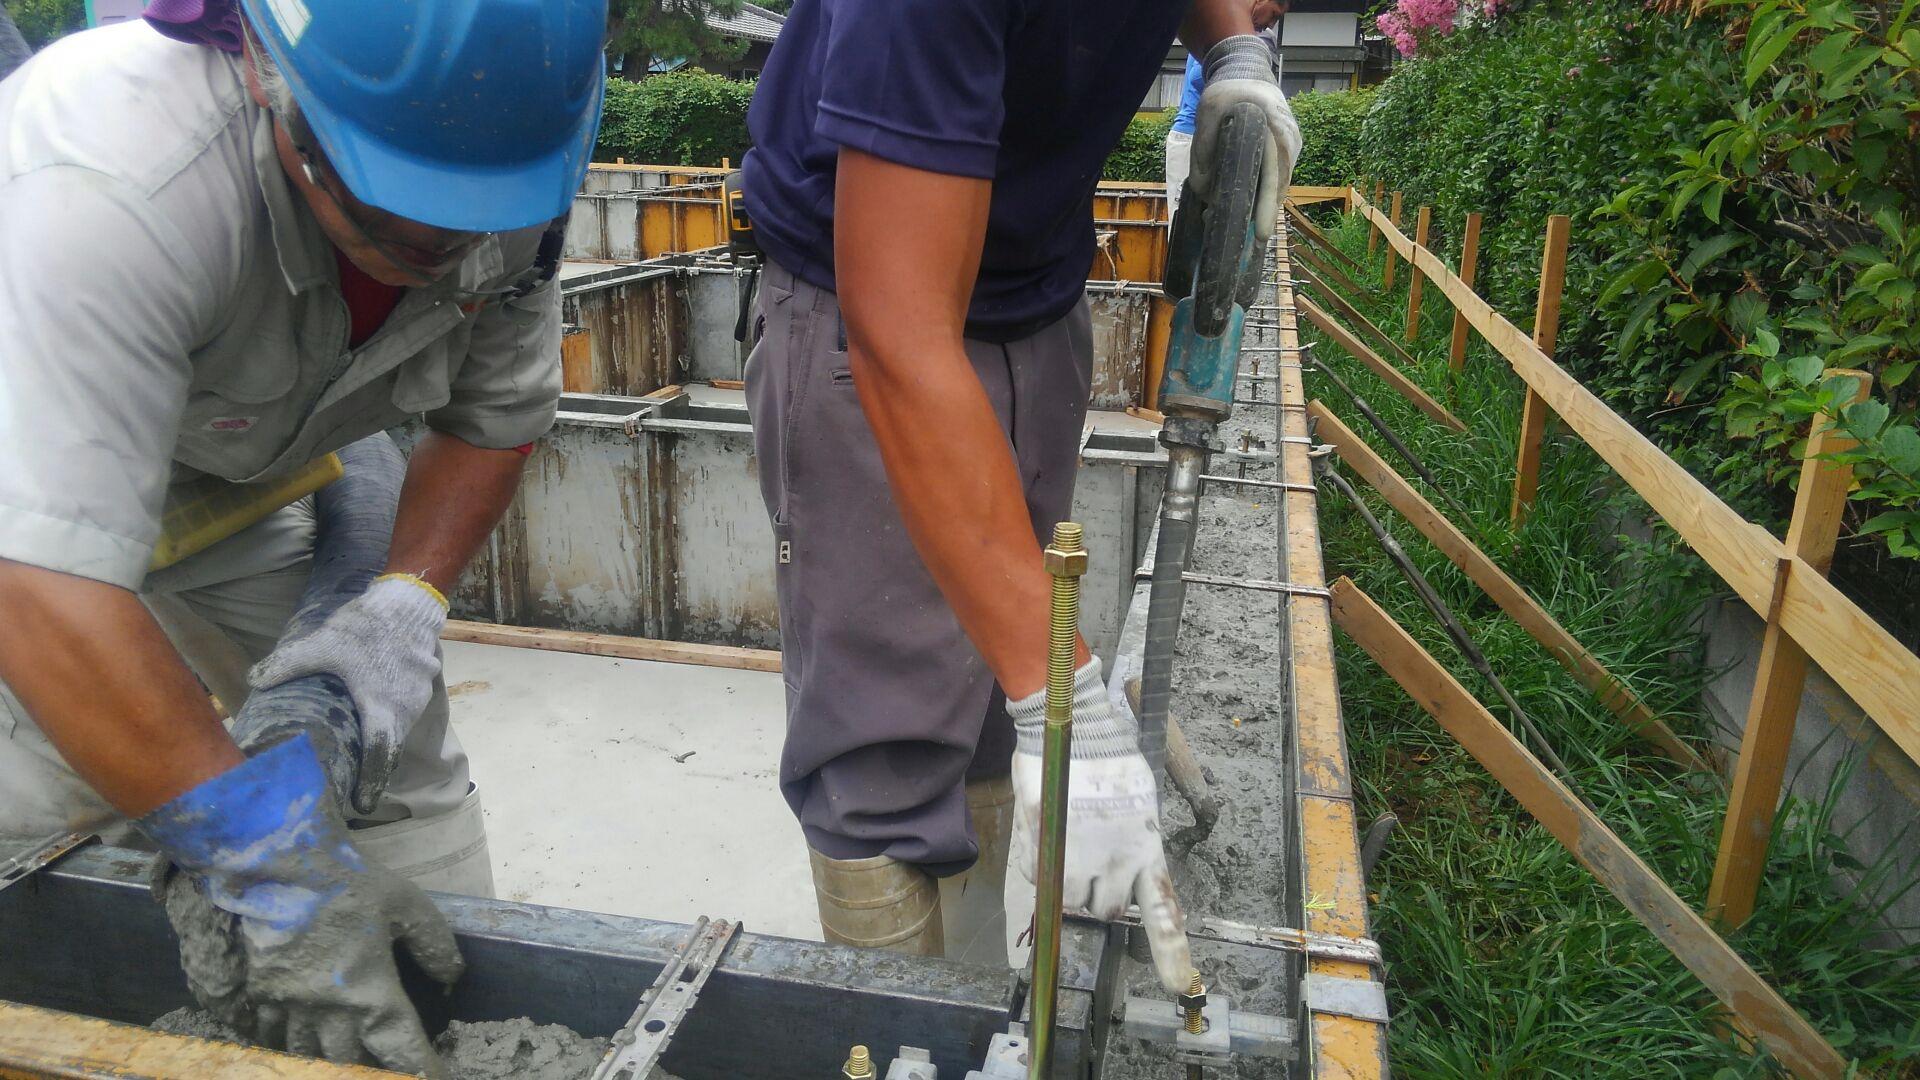 バイブレーターのかけすぎに注意をしながら打ち込みます。かけすぎてしまうと、コンクリートに含まれている砕石が沈みすぎて、コンクリートの 強度が下がってしまいます。